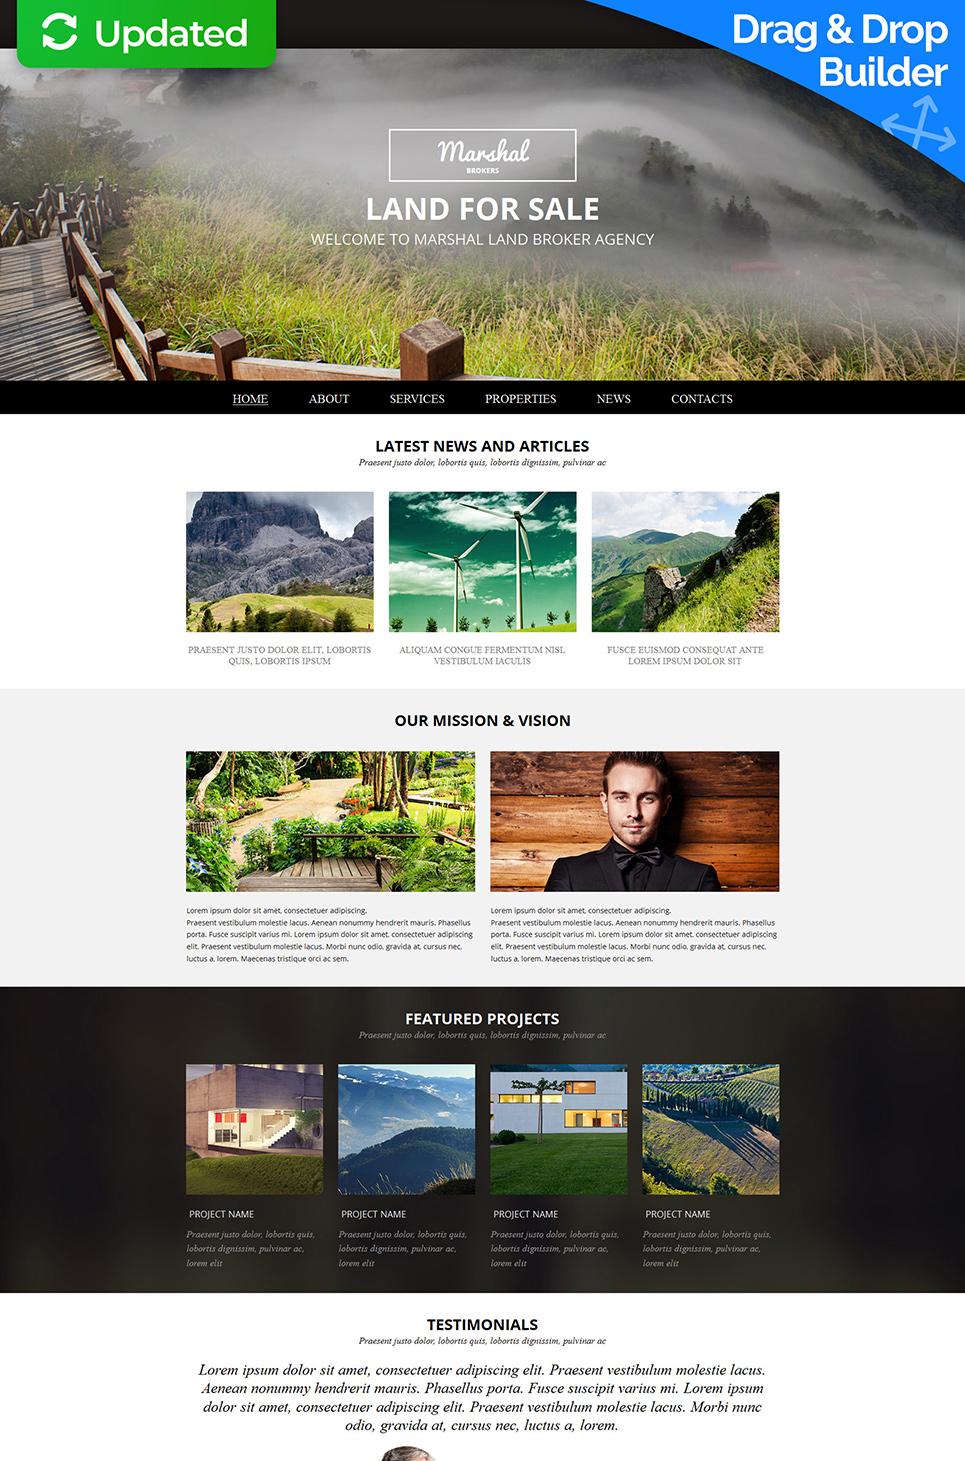 Diseño de sitio web de propiedad comercial - image